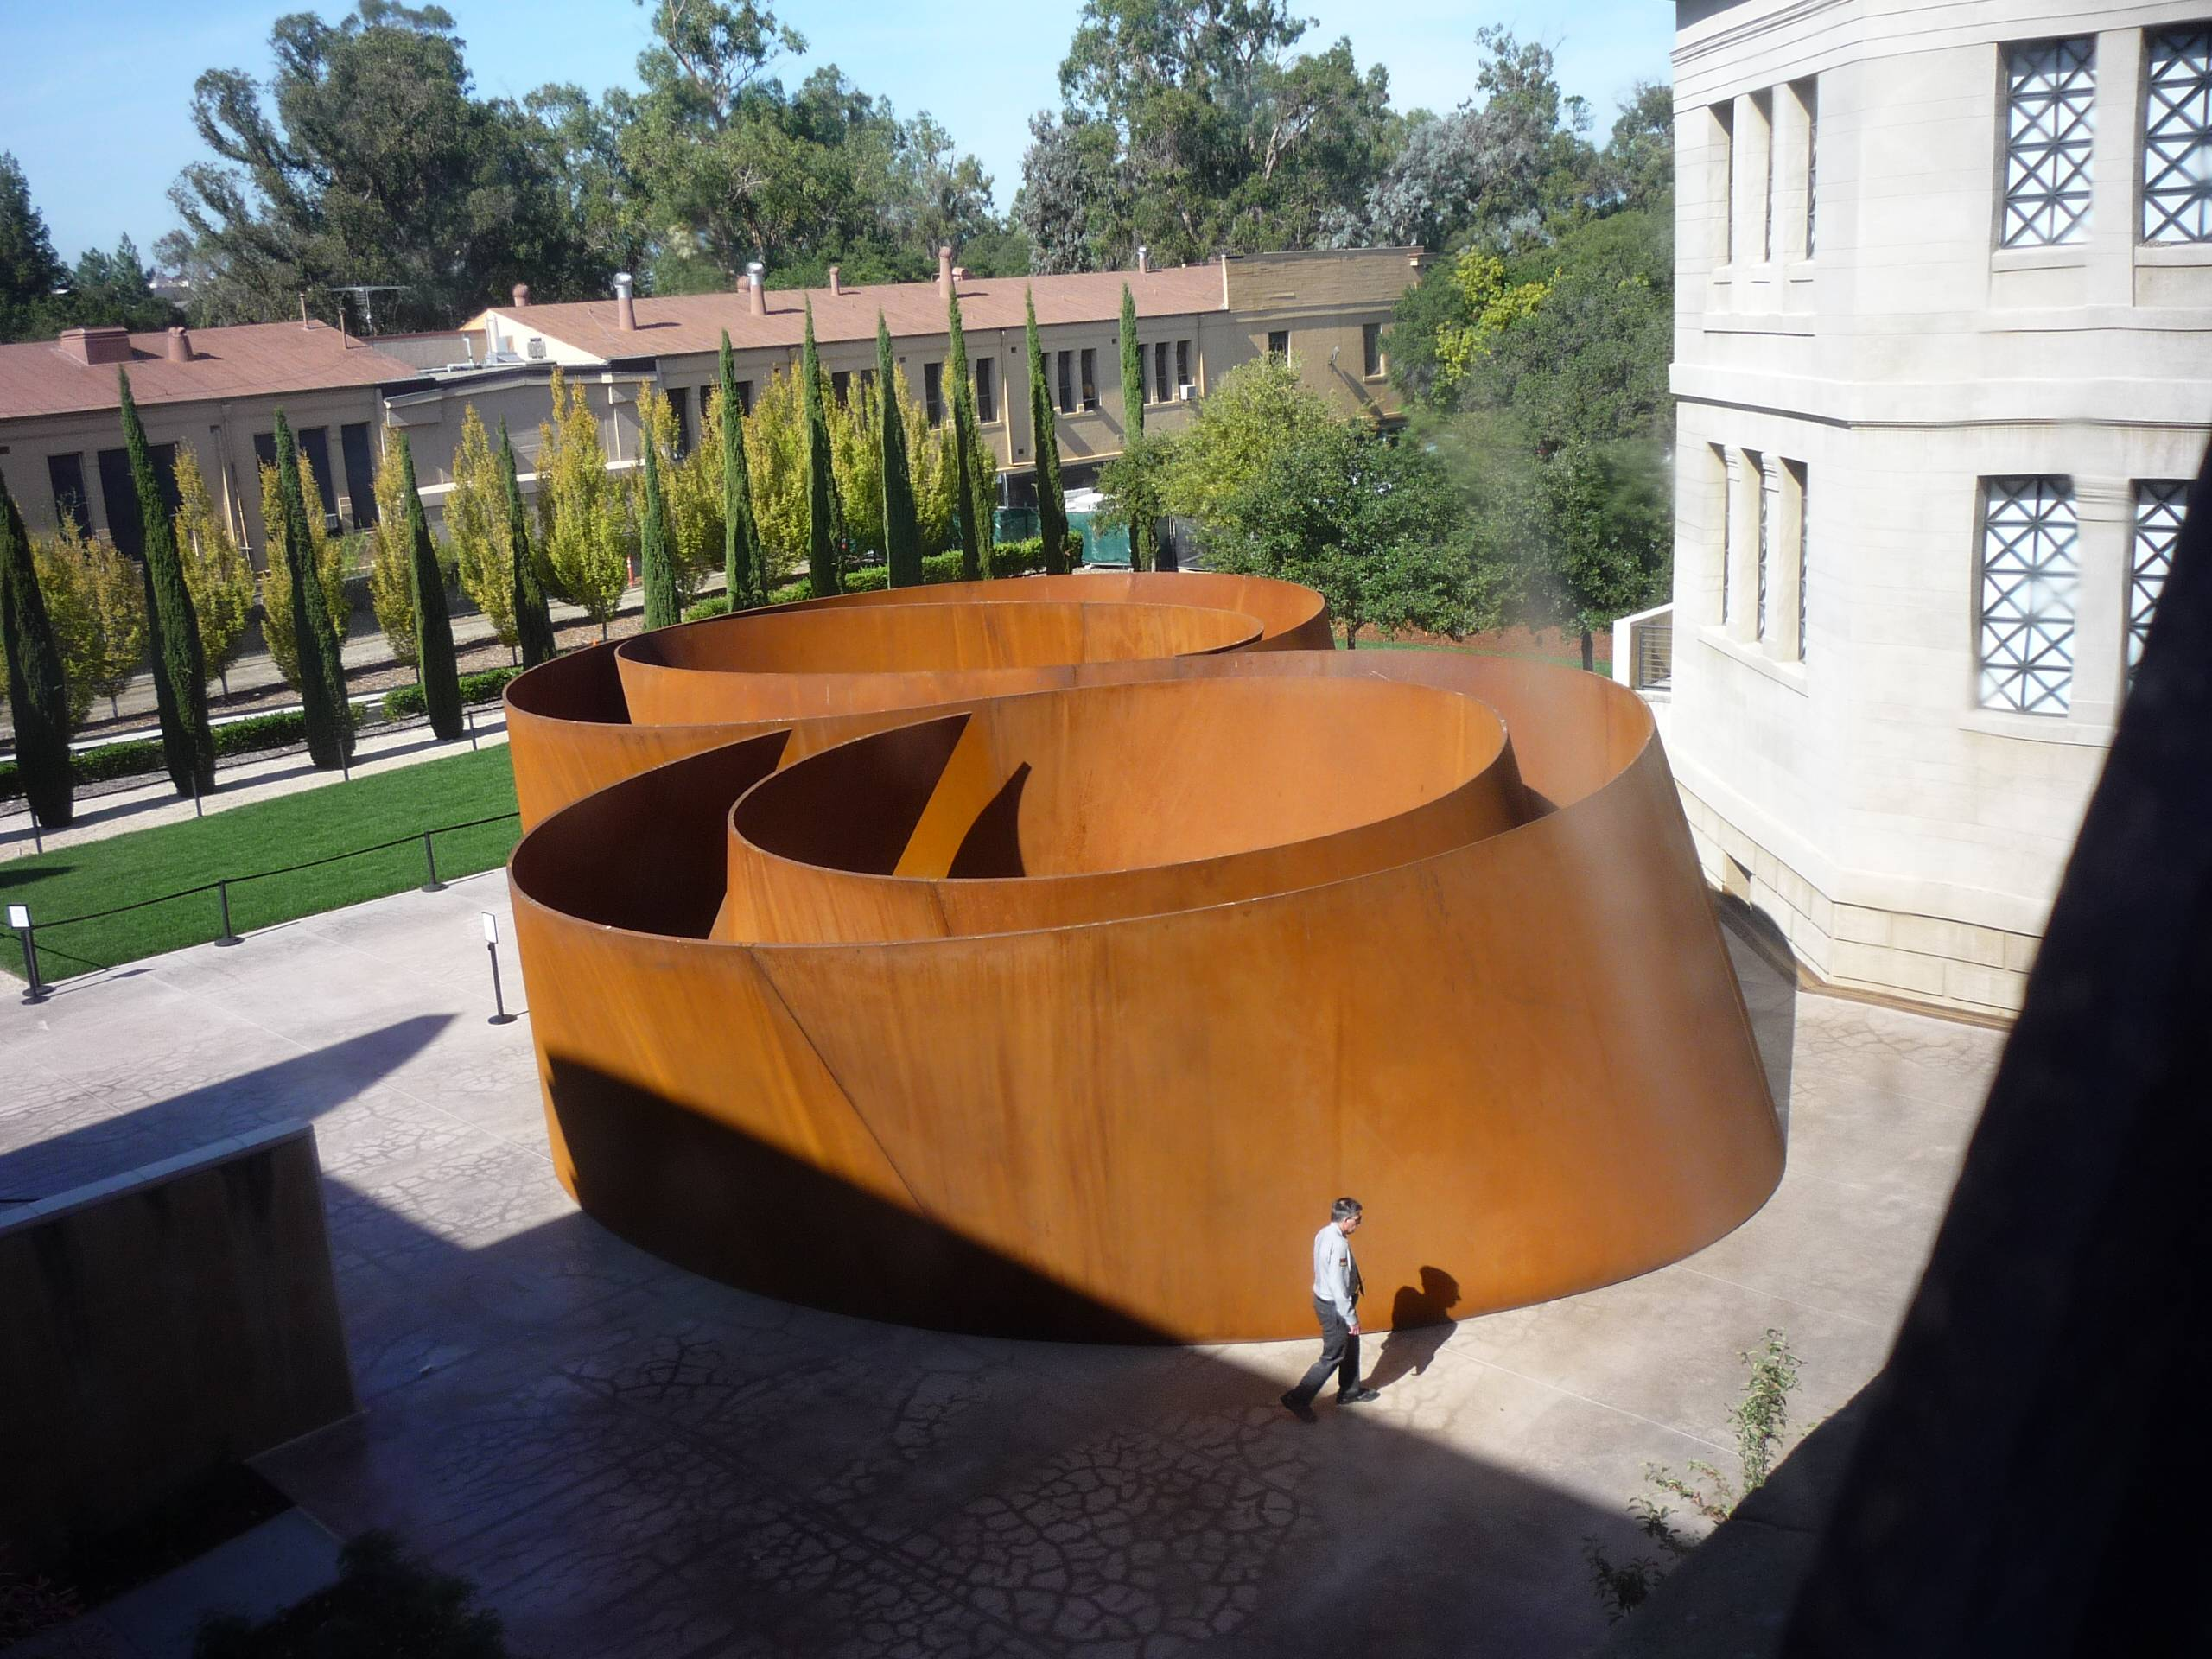 Sequence, présentée durant l'été 2011@ au centre d'art Cantor de l'université@ de Stanford aux Etats-Unis